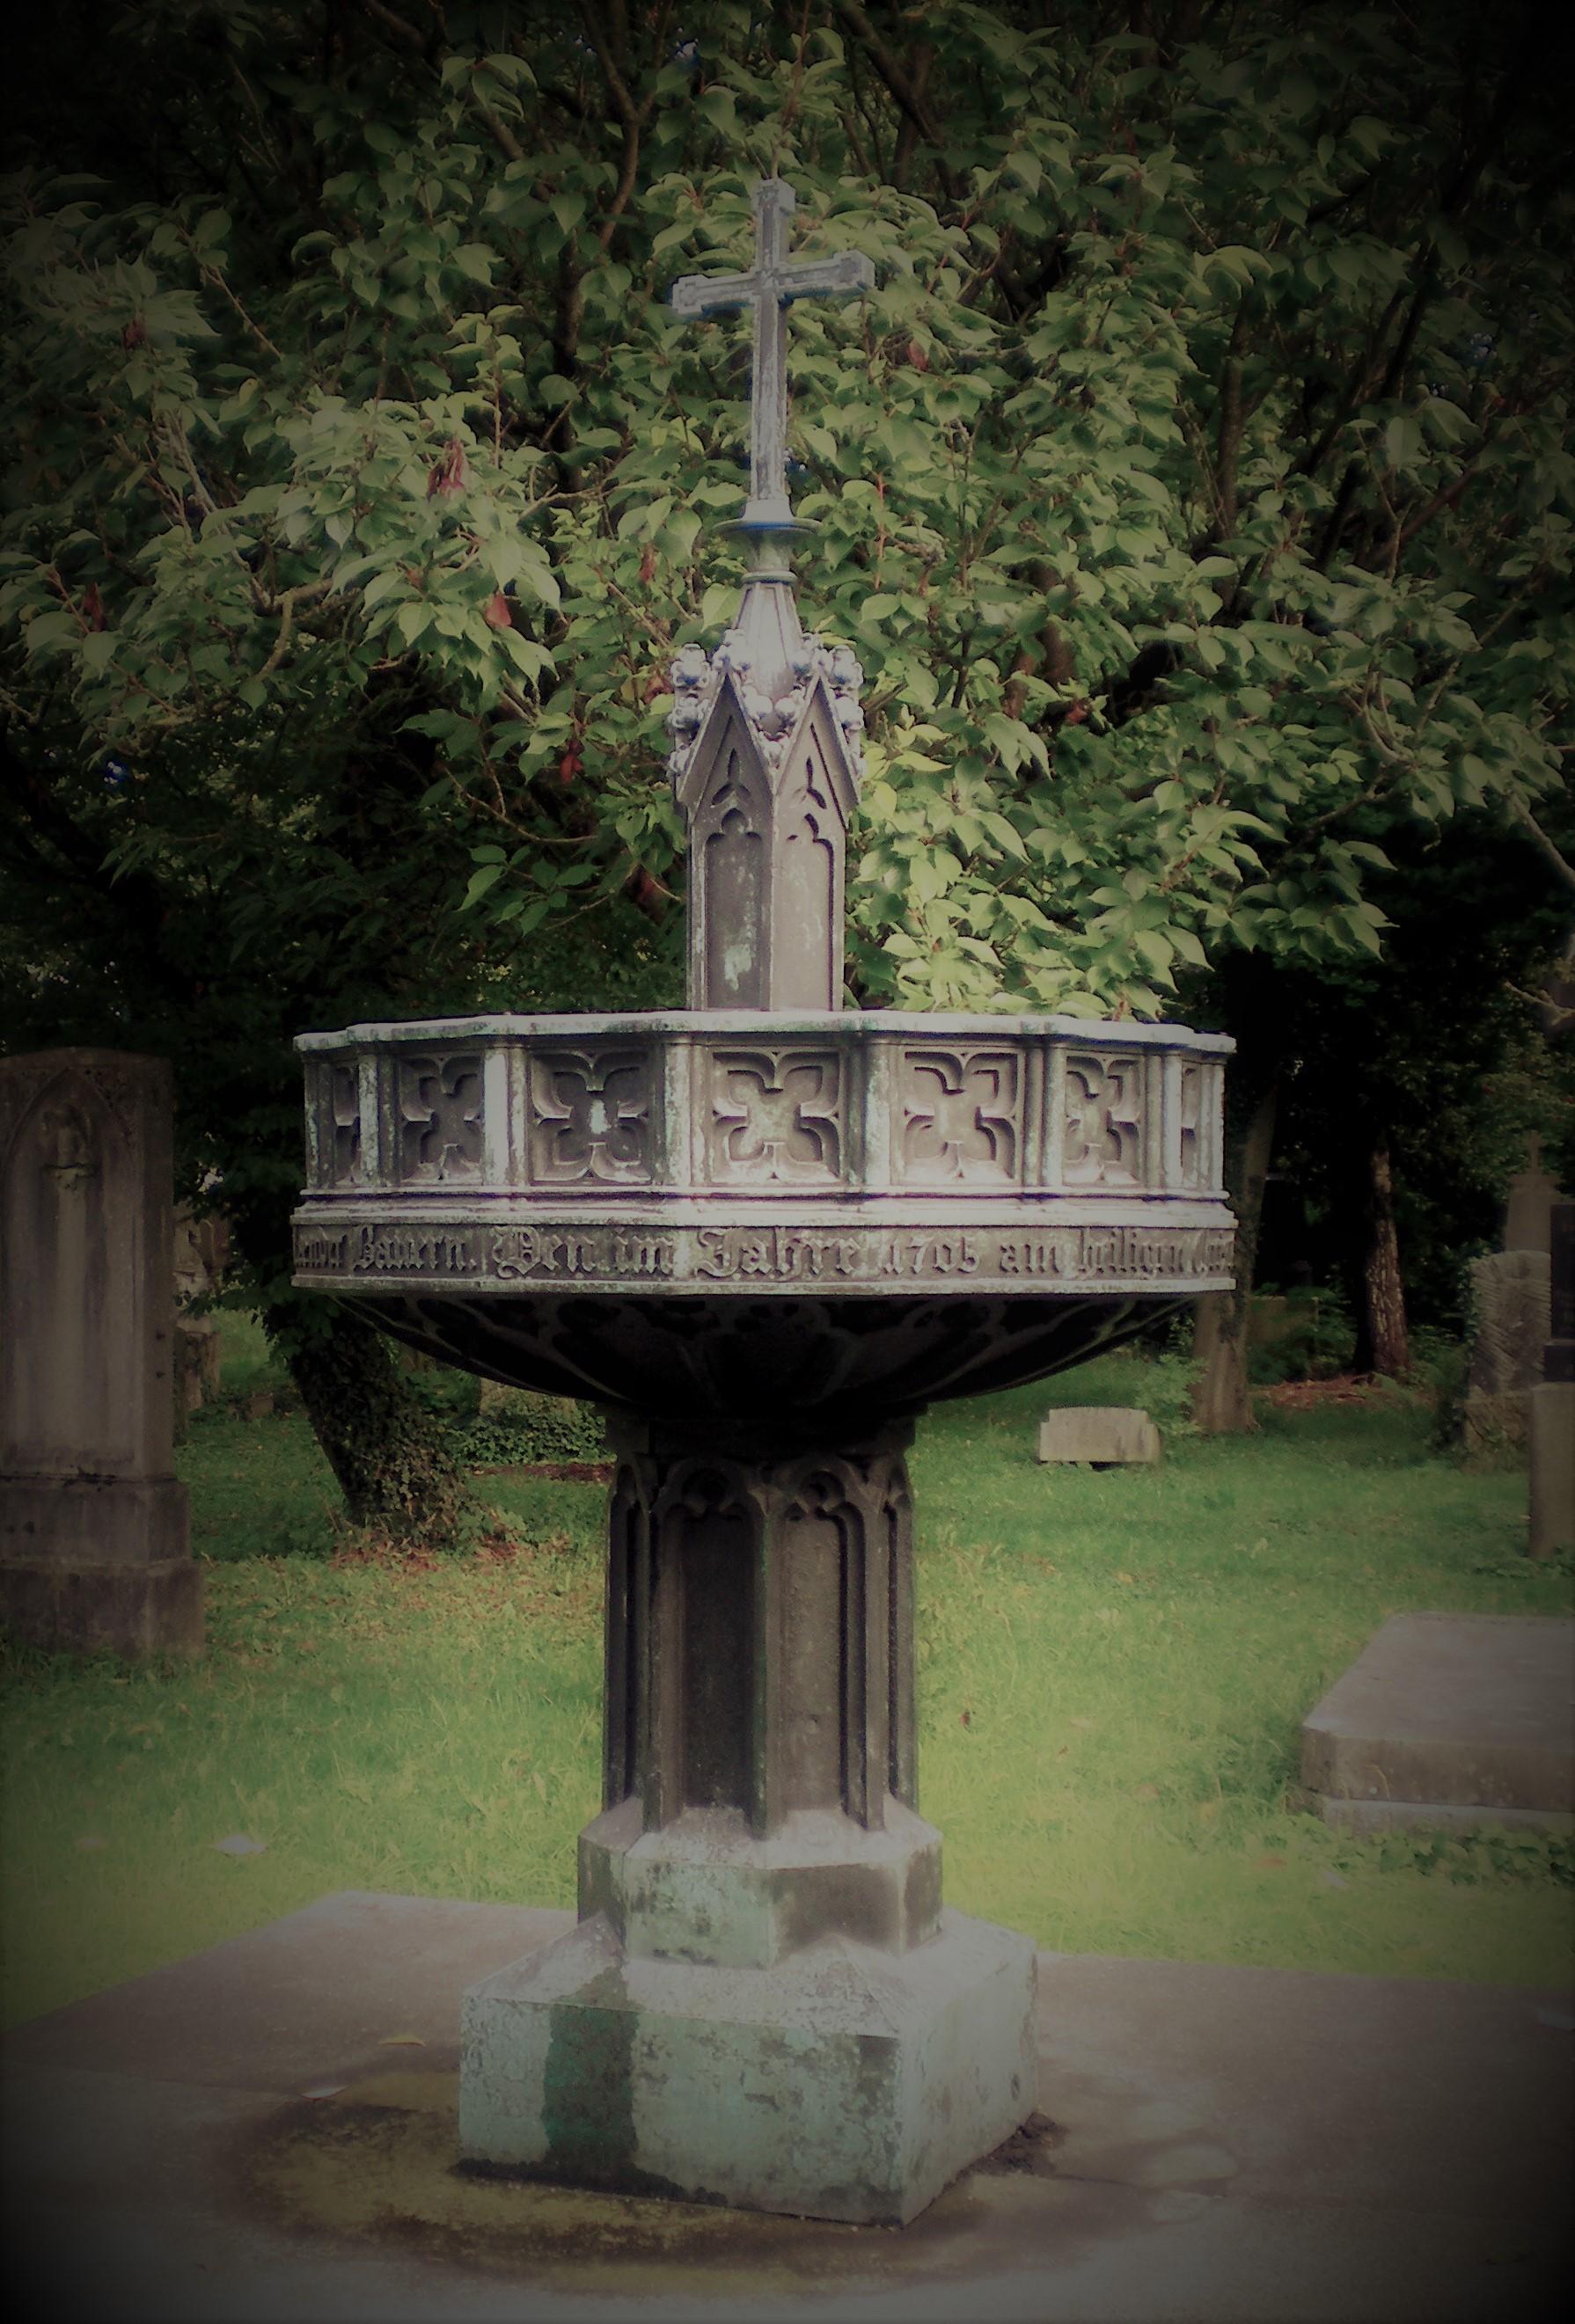 Auf dem Friedhof findet man eine ganze Reihe interessanter Denkmähler. So zum Beispiel das Denkmal zur Erinnerung an die Opfer des Bauernaufstandes, der Sendlinger Mordweihnacht von 1705. Foto: Karl Schillinger, CC0